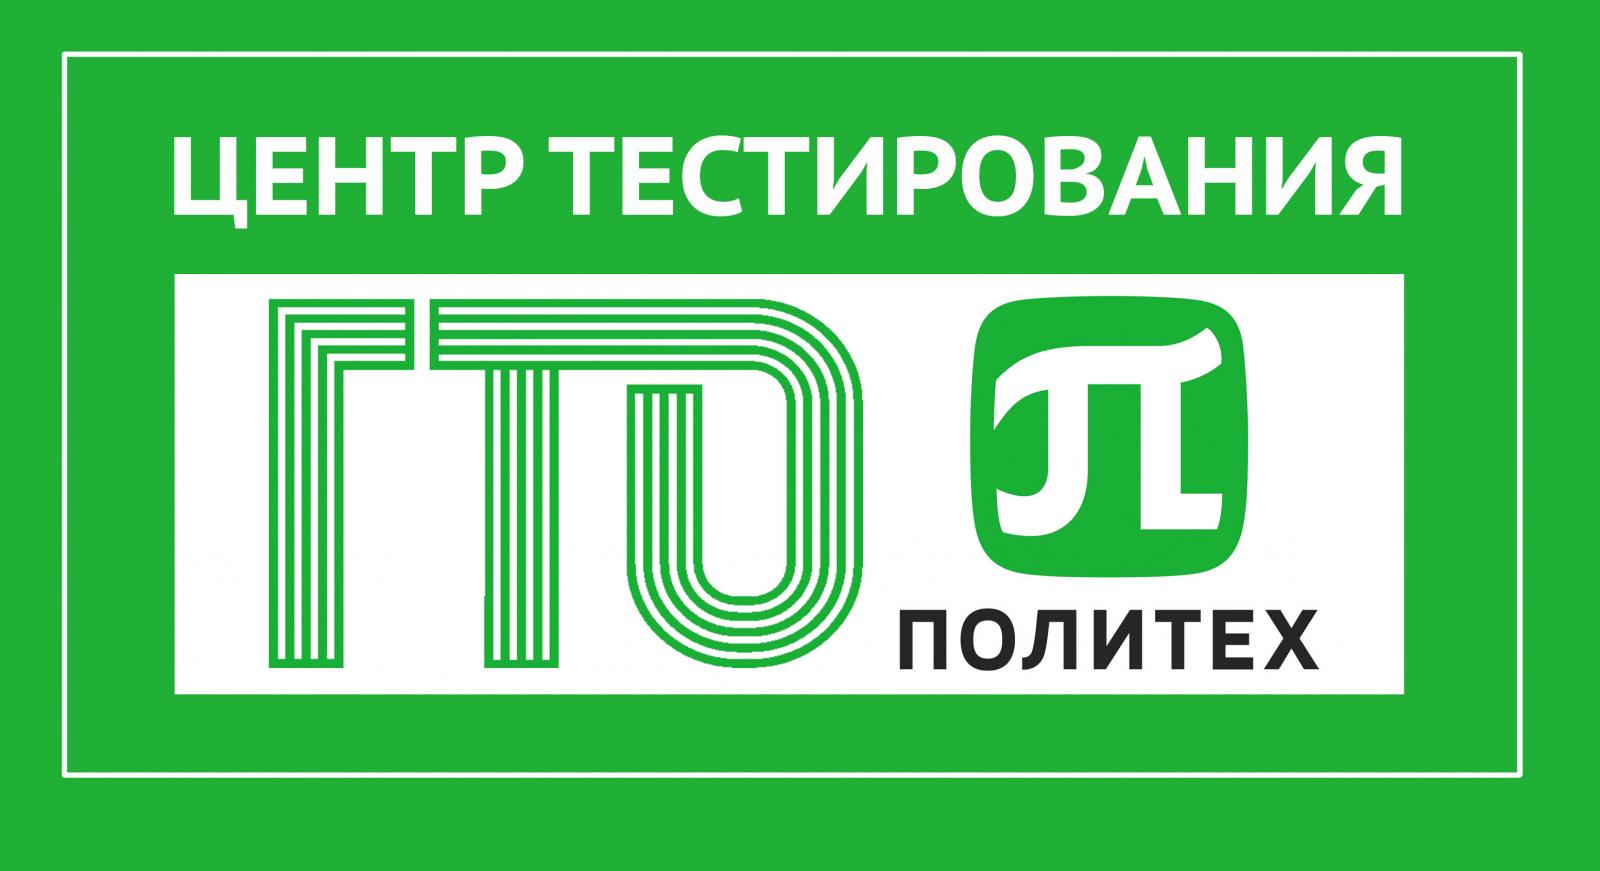 Центр тестирования ВФСК ГТО. Итоги 2017 года